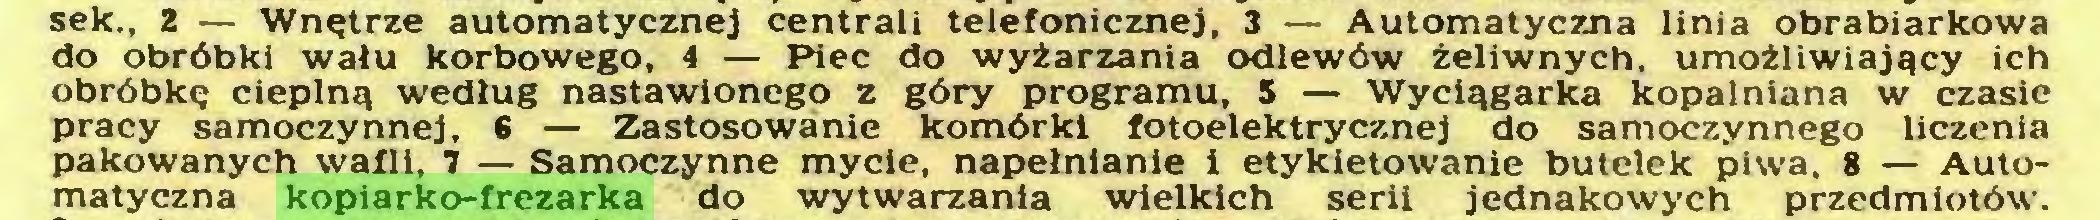 (...) sek., 2 — Wnętrze automatycznej centrali telefonicznej, 3 — Automatyczna linia obrabiarkowa do obróbki wału korbowego, 4 — Piec do wyżarzania odlewów żeliwnych, umożliwiający ich obróbkę cieplną według nastawionego z góry programu, 5 — Wyciągarka kopalniana w czasie pracy samoczynnej. 6 — Zastosowanie komórki fotoelektrycznej do samoczynnego liczenia pakowanych wafli, 7 — Samoczynne mycie, napełnianie i etykietowanie butelek piwa. 8 — Automatyczna kopiarko-frezarka do wytwarzania wielkich serii jednakowych przedmiotów...